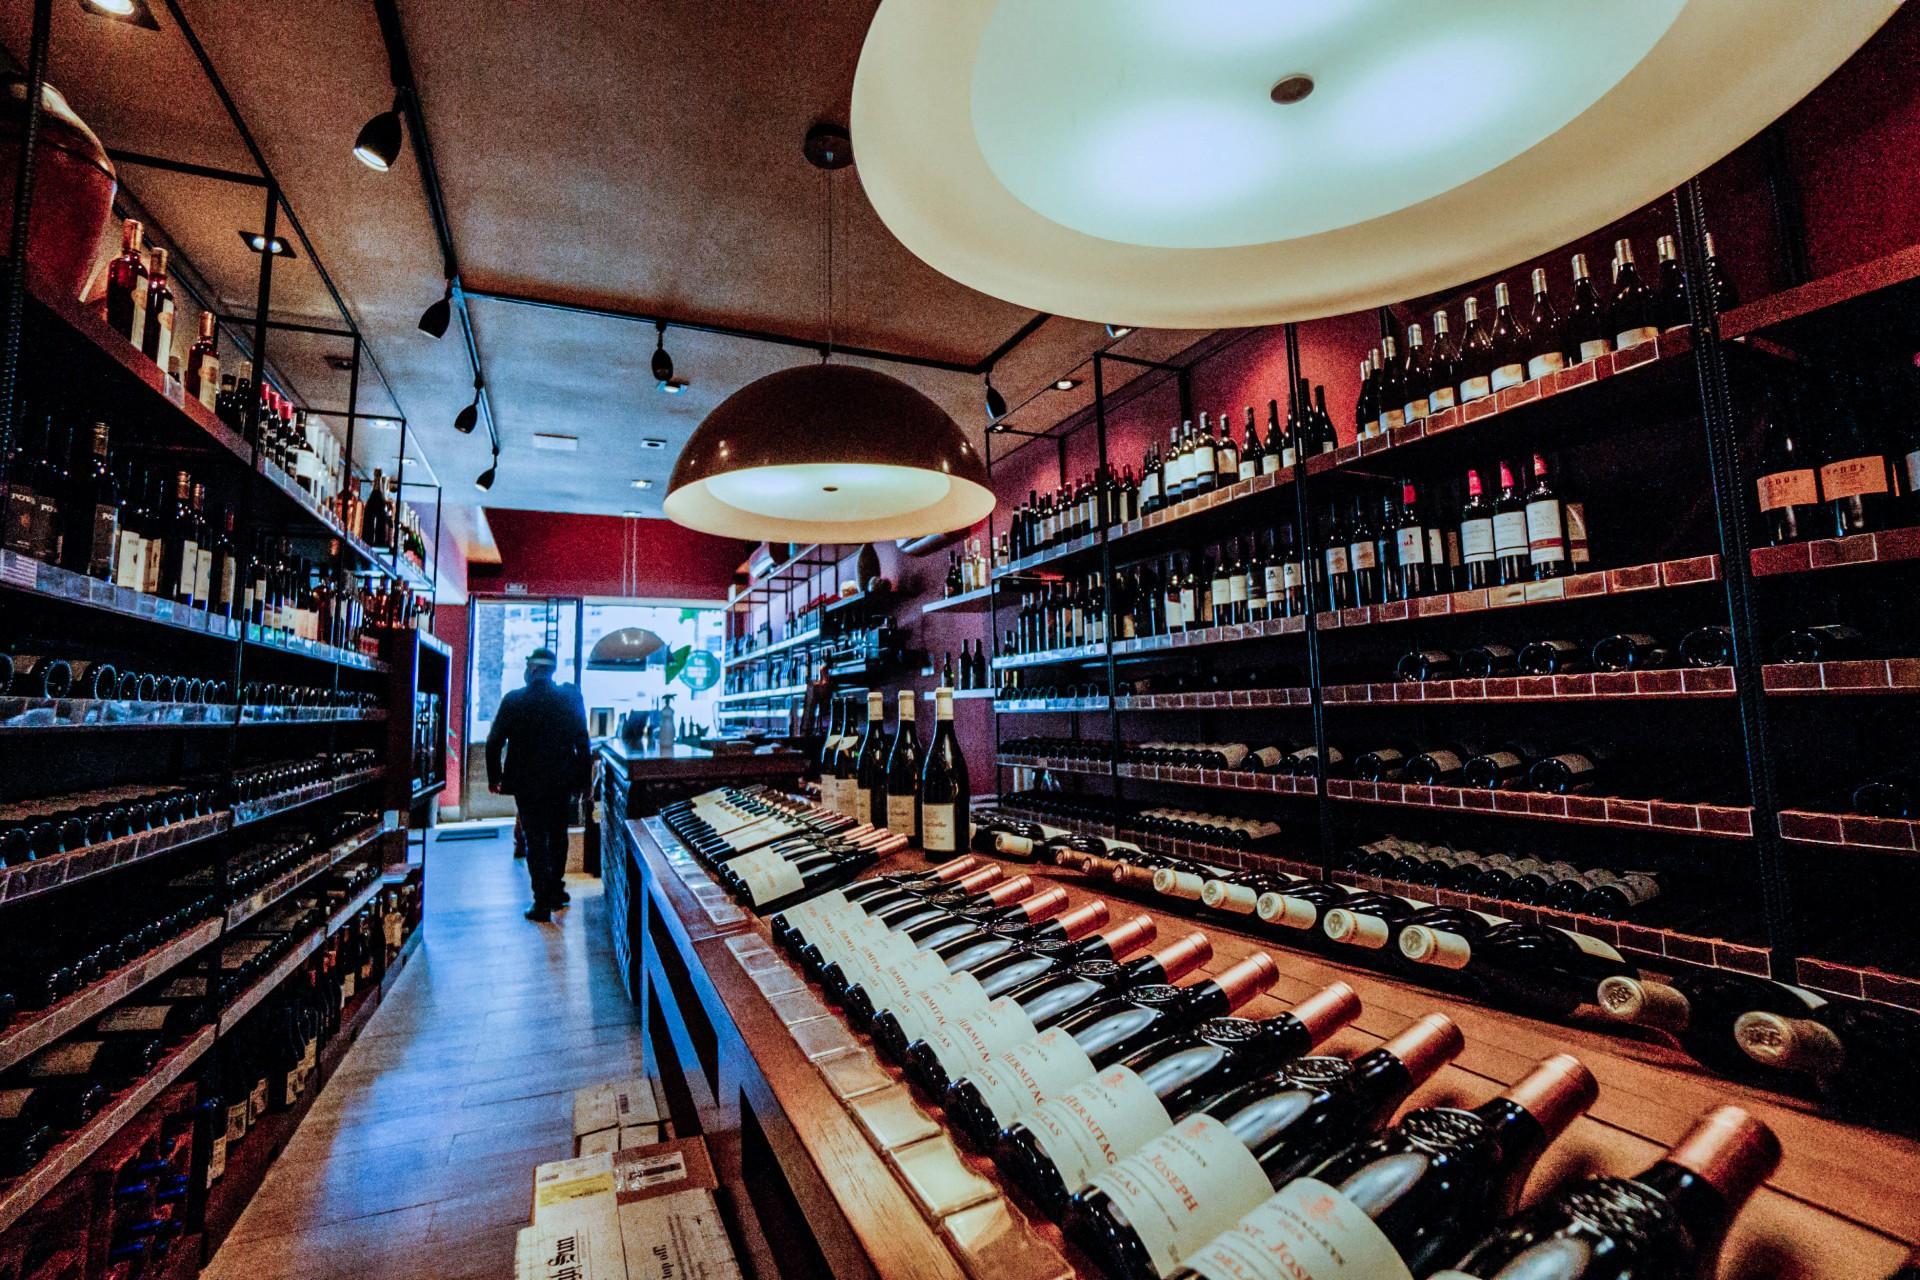 Veja a seleção de vinhos que esta coluna fez (Foto: JULIO CAESAR)